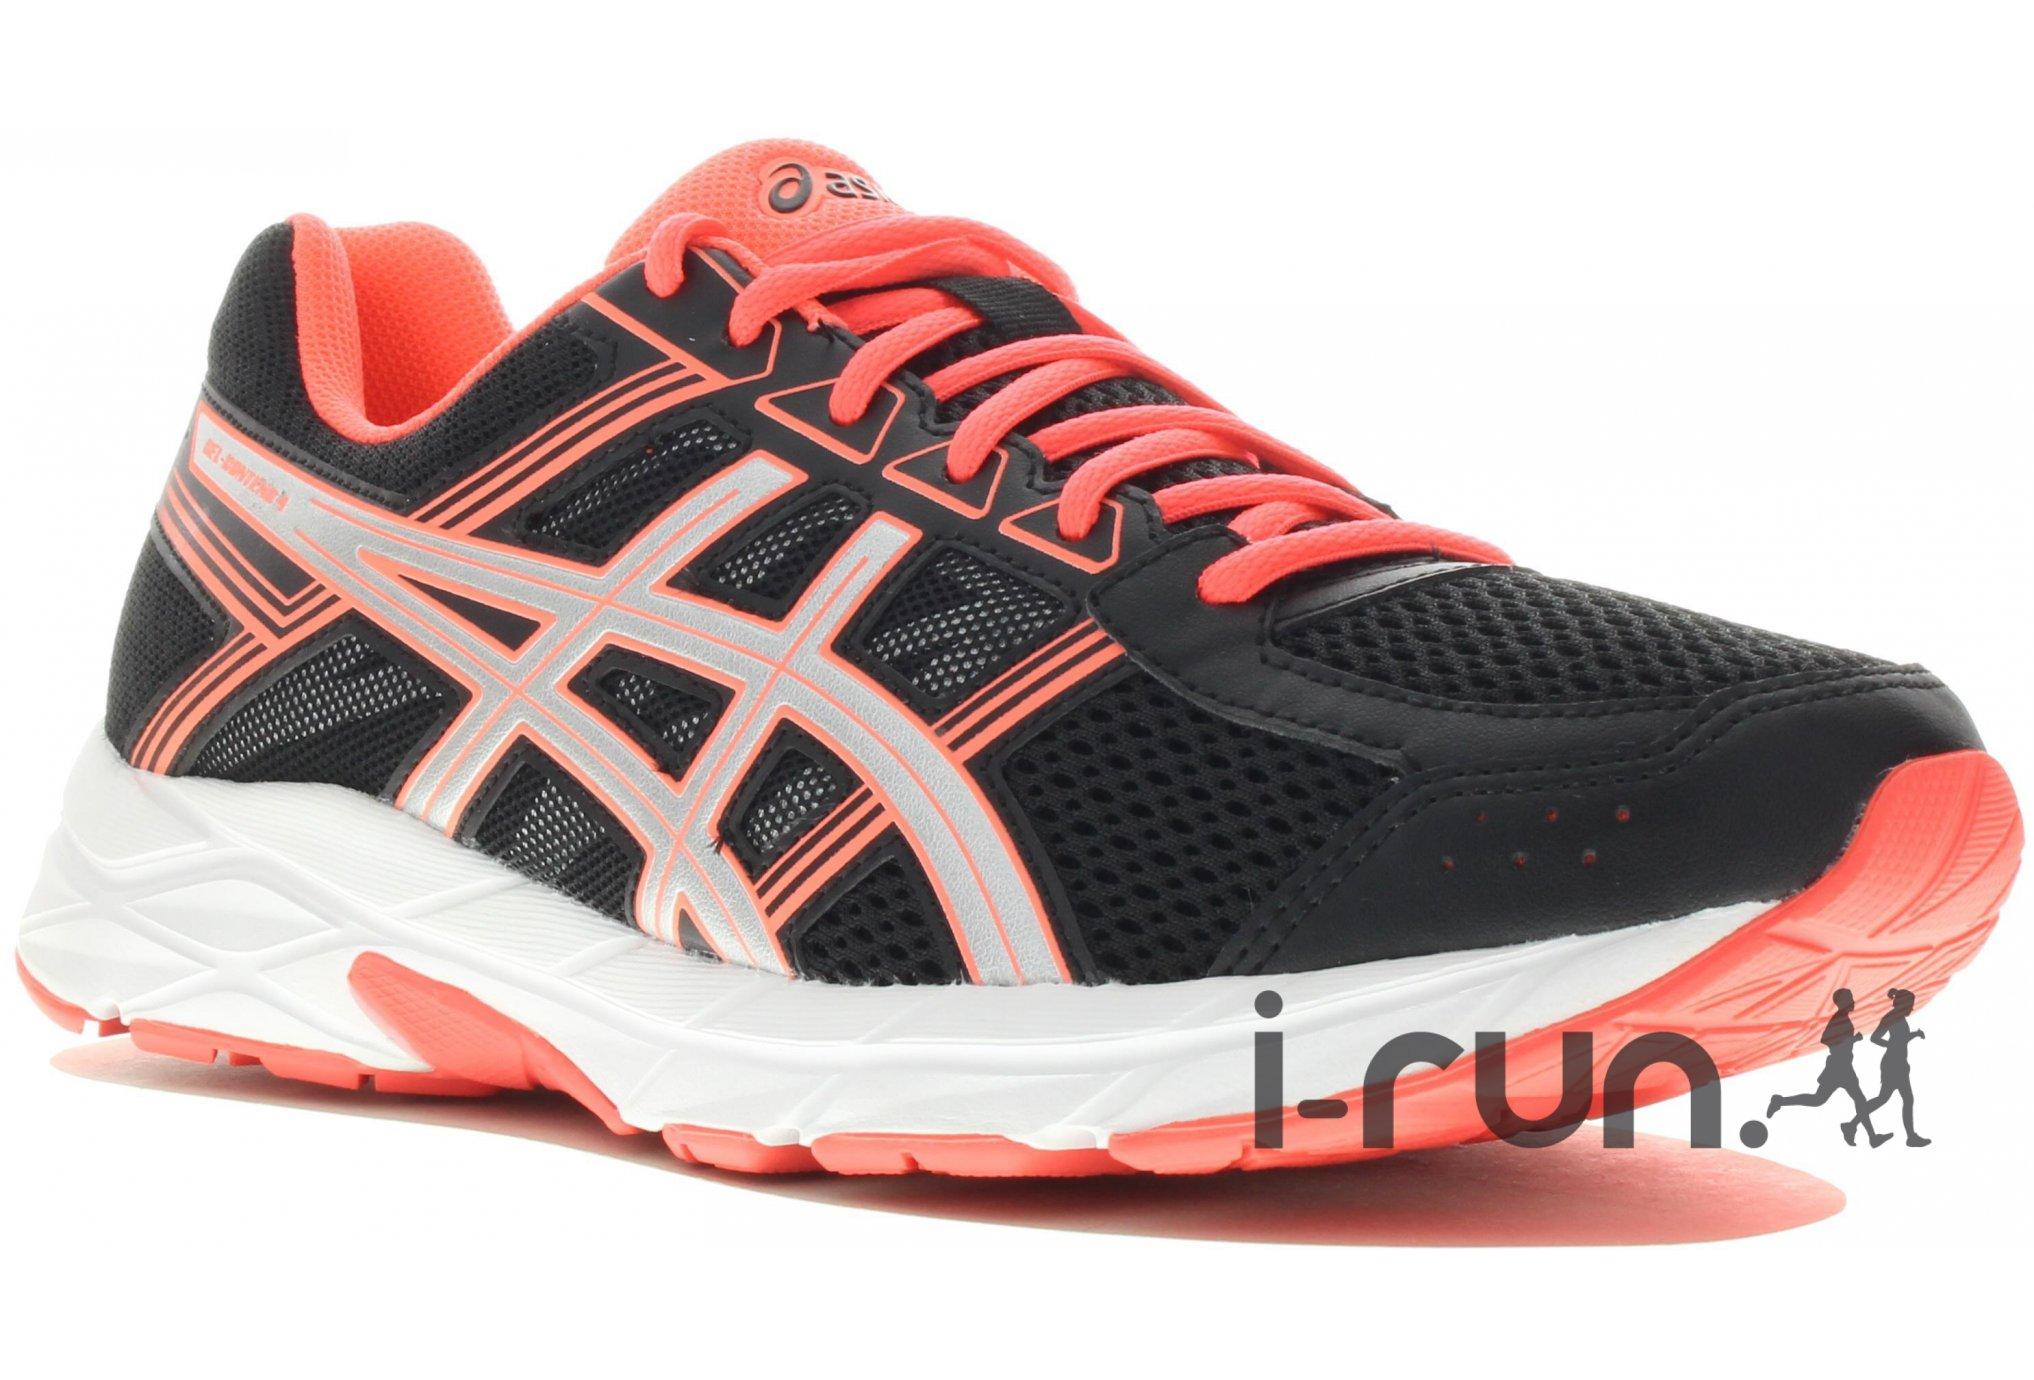 Asics Gel Contend 4 W Chaussures running femme